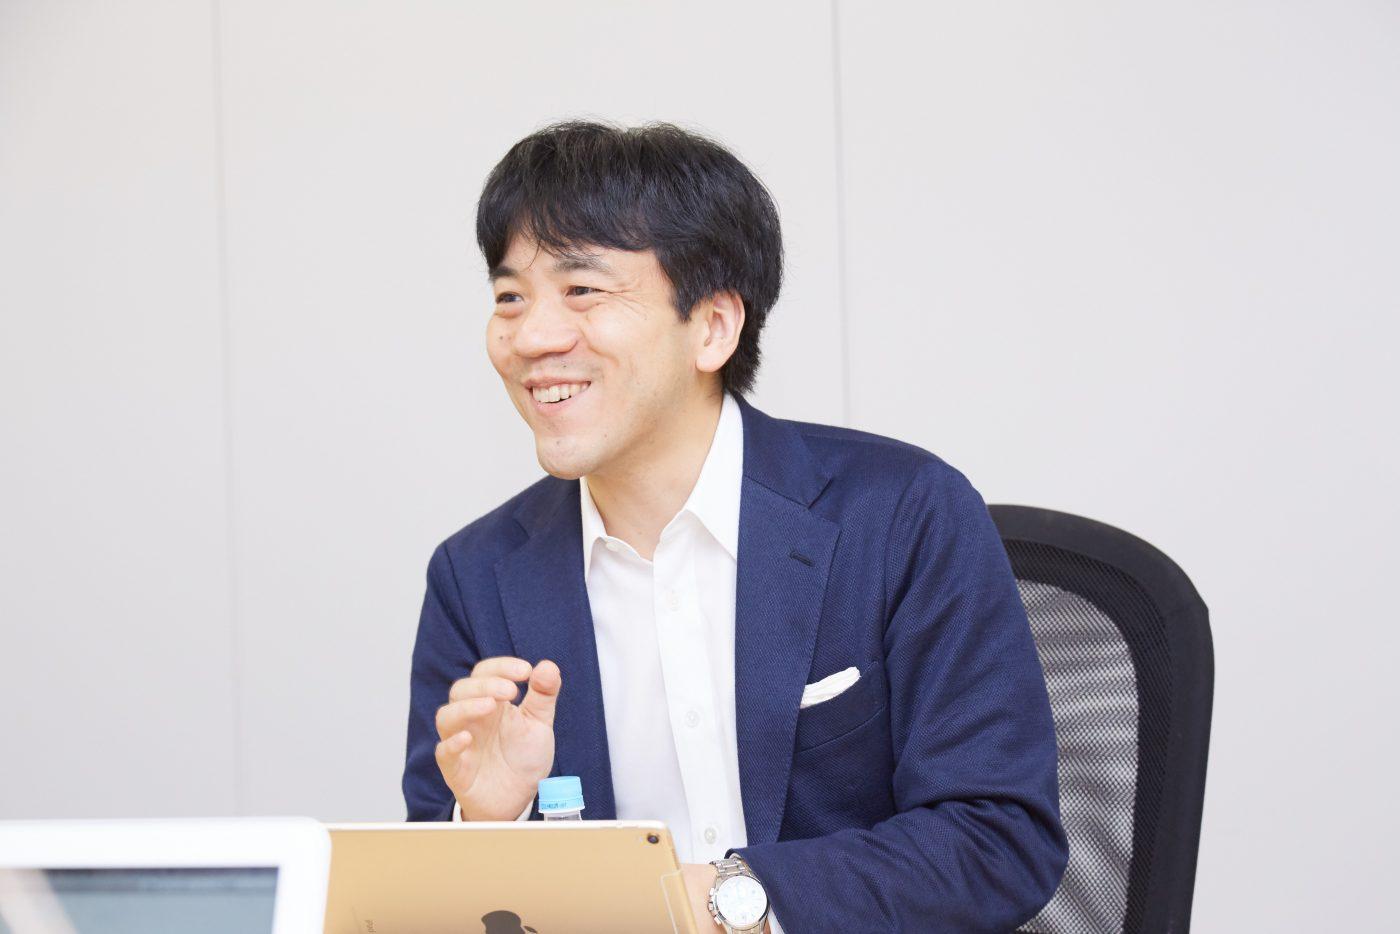 マッキンゼー出身 ウェルスナビ代表取締役CEO 柴山和久